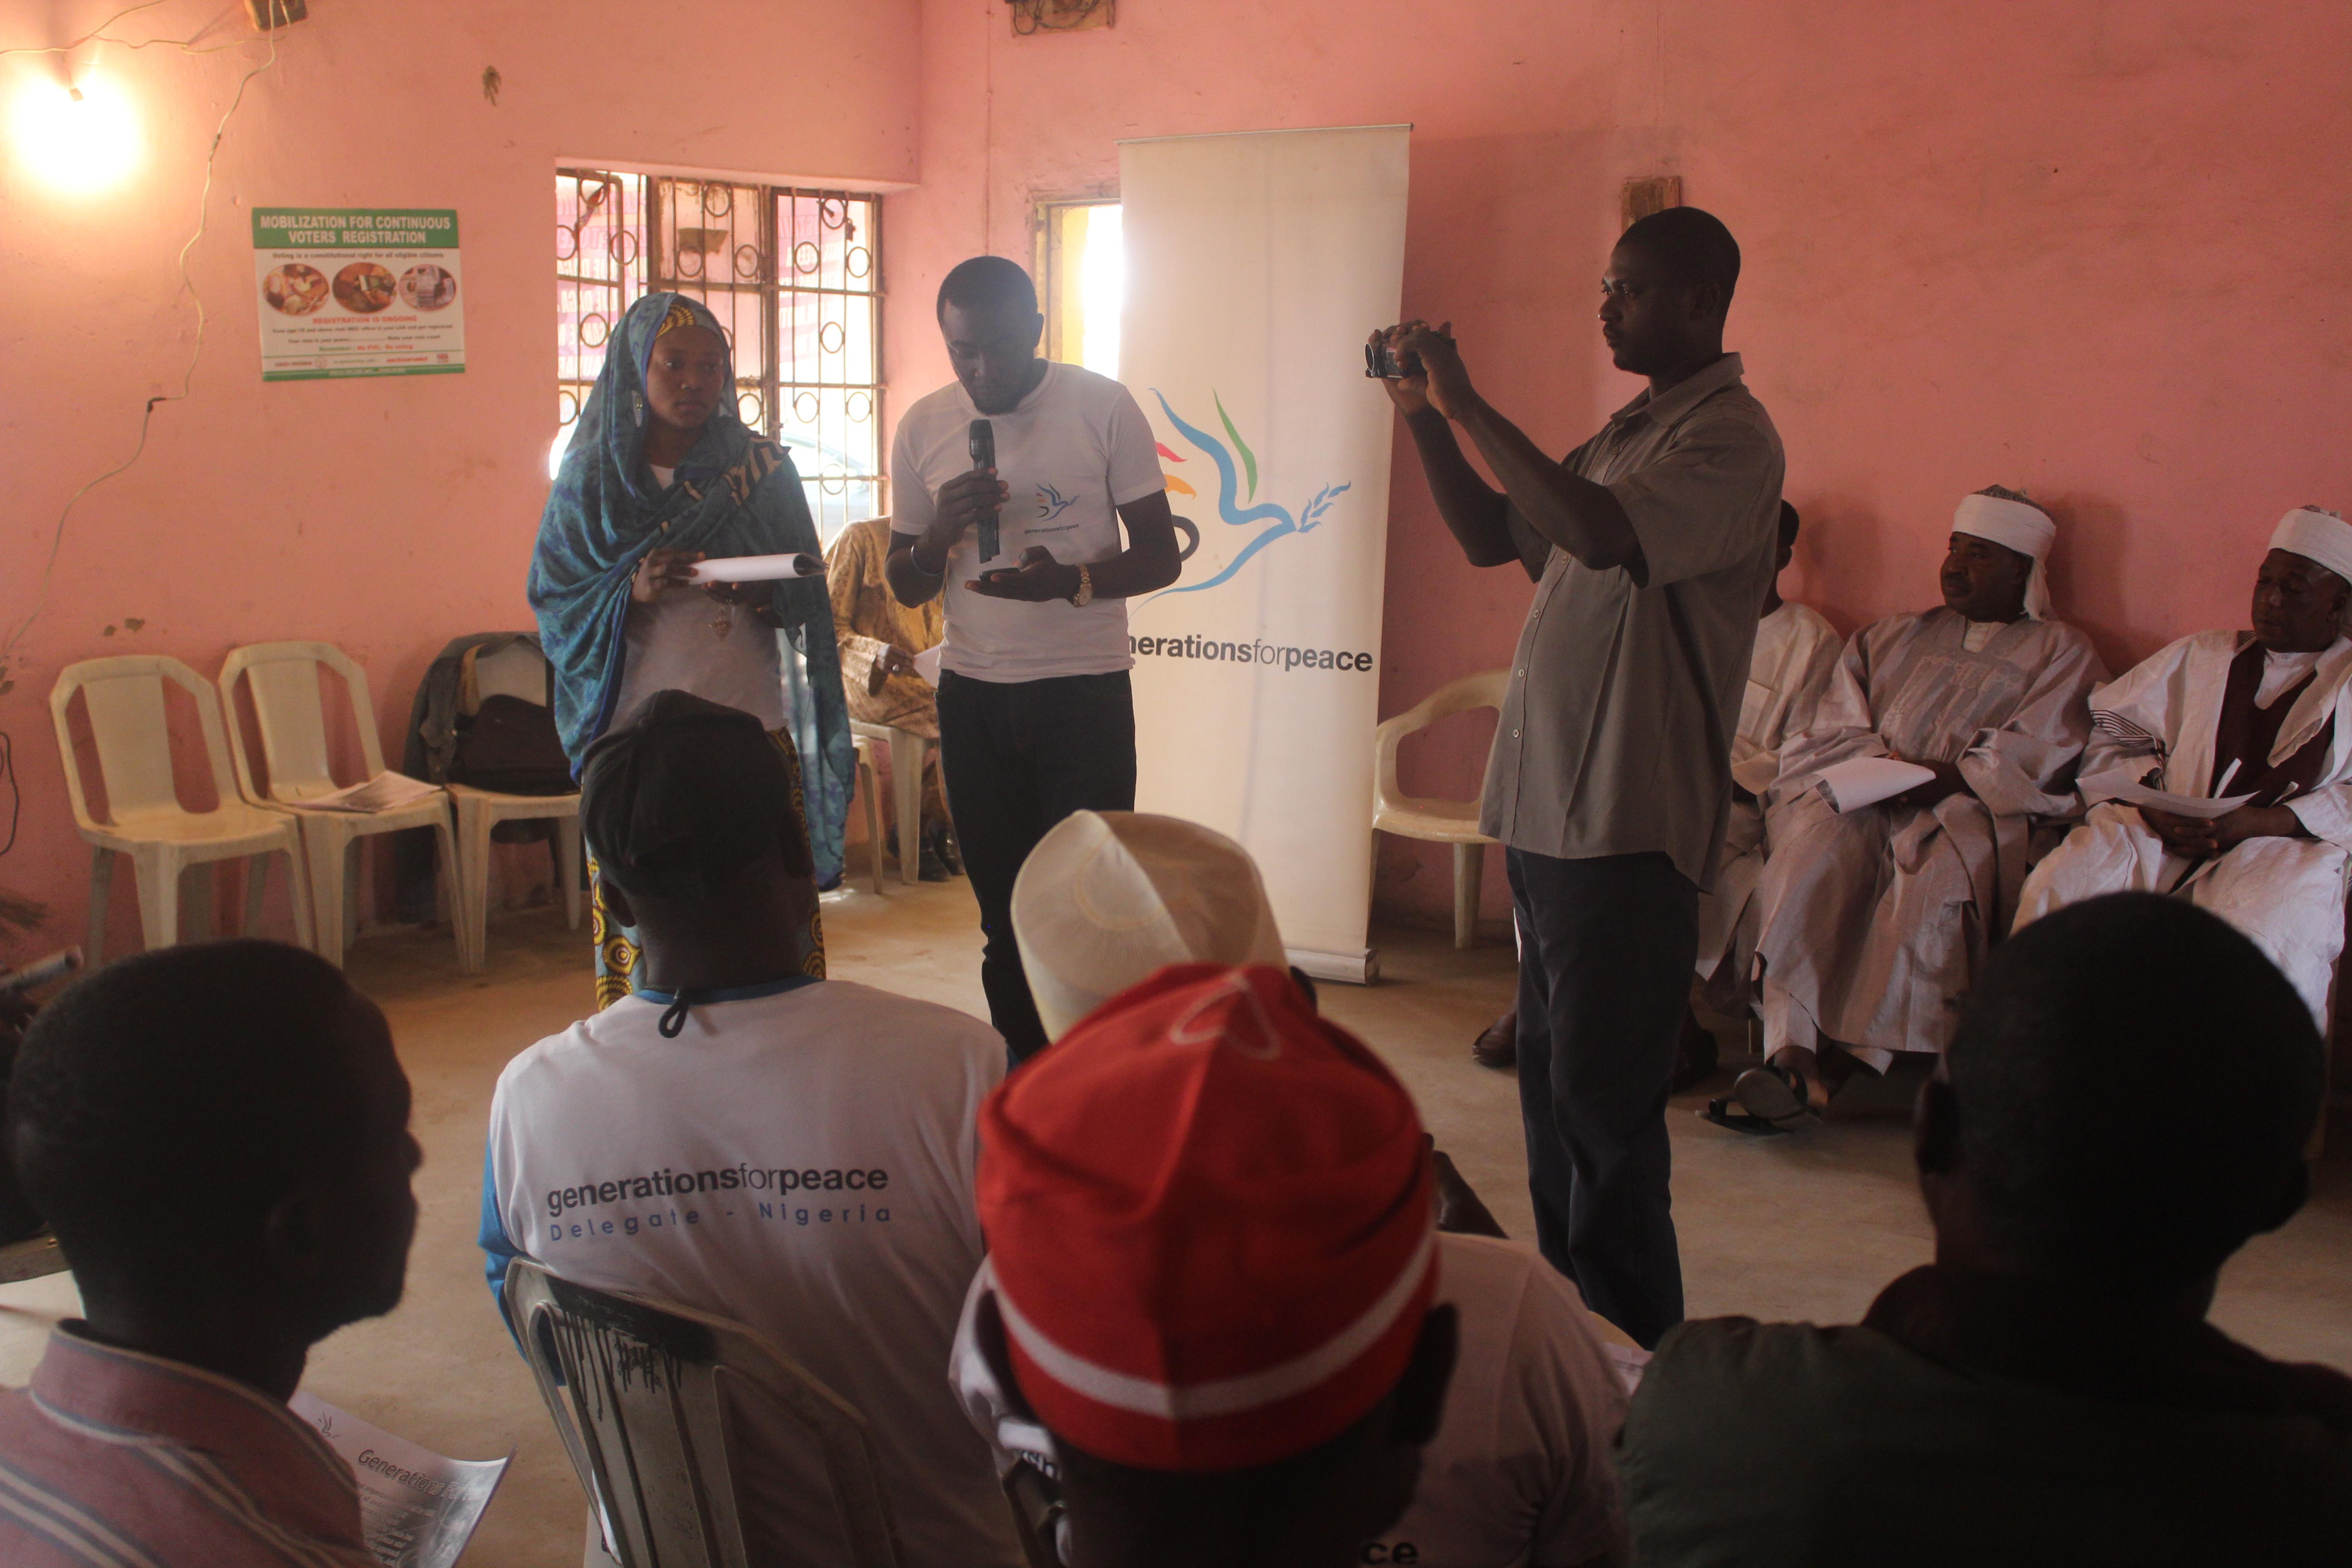 Umah facilitating during an intra-group initiative